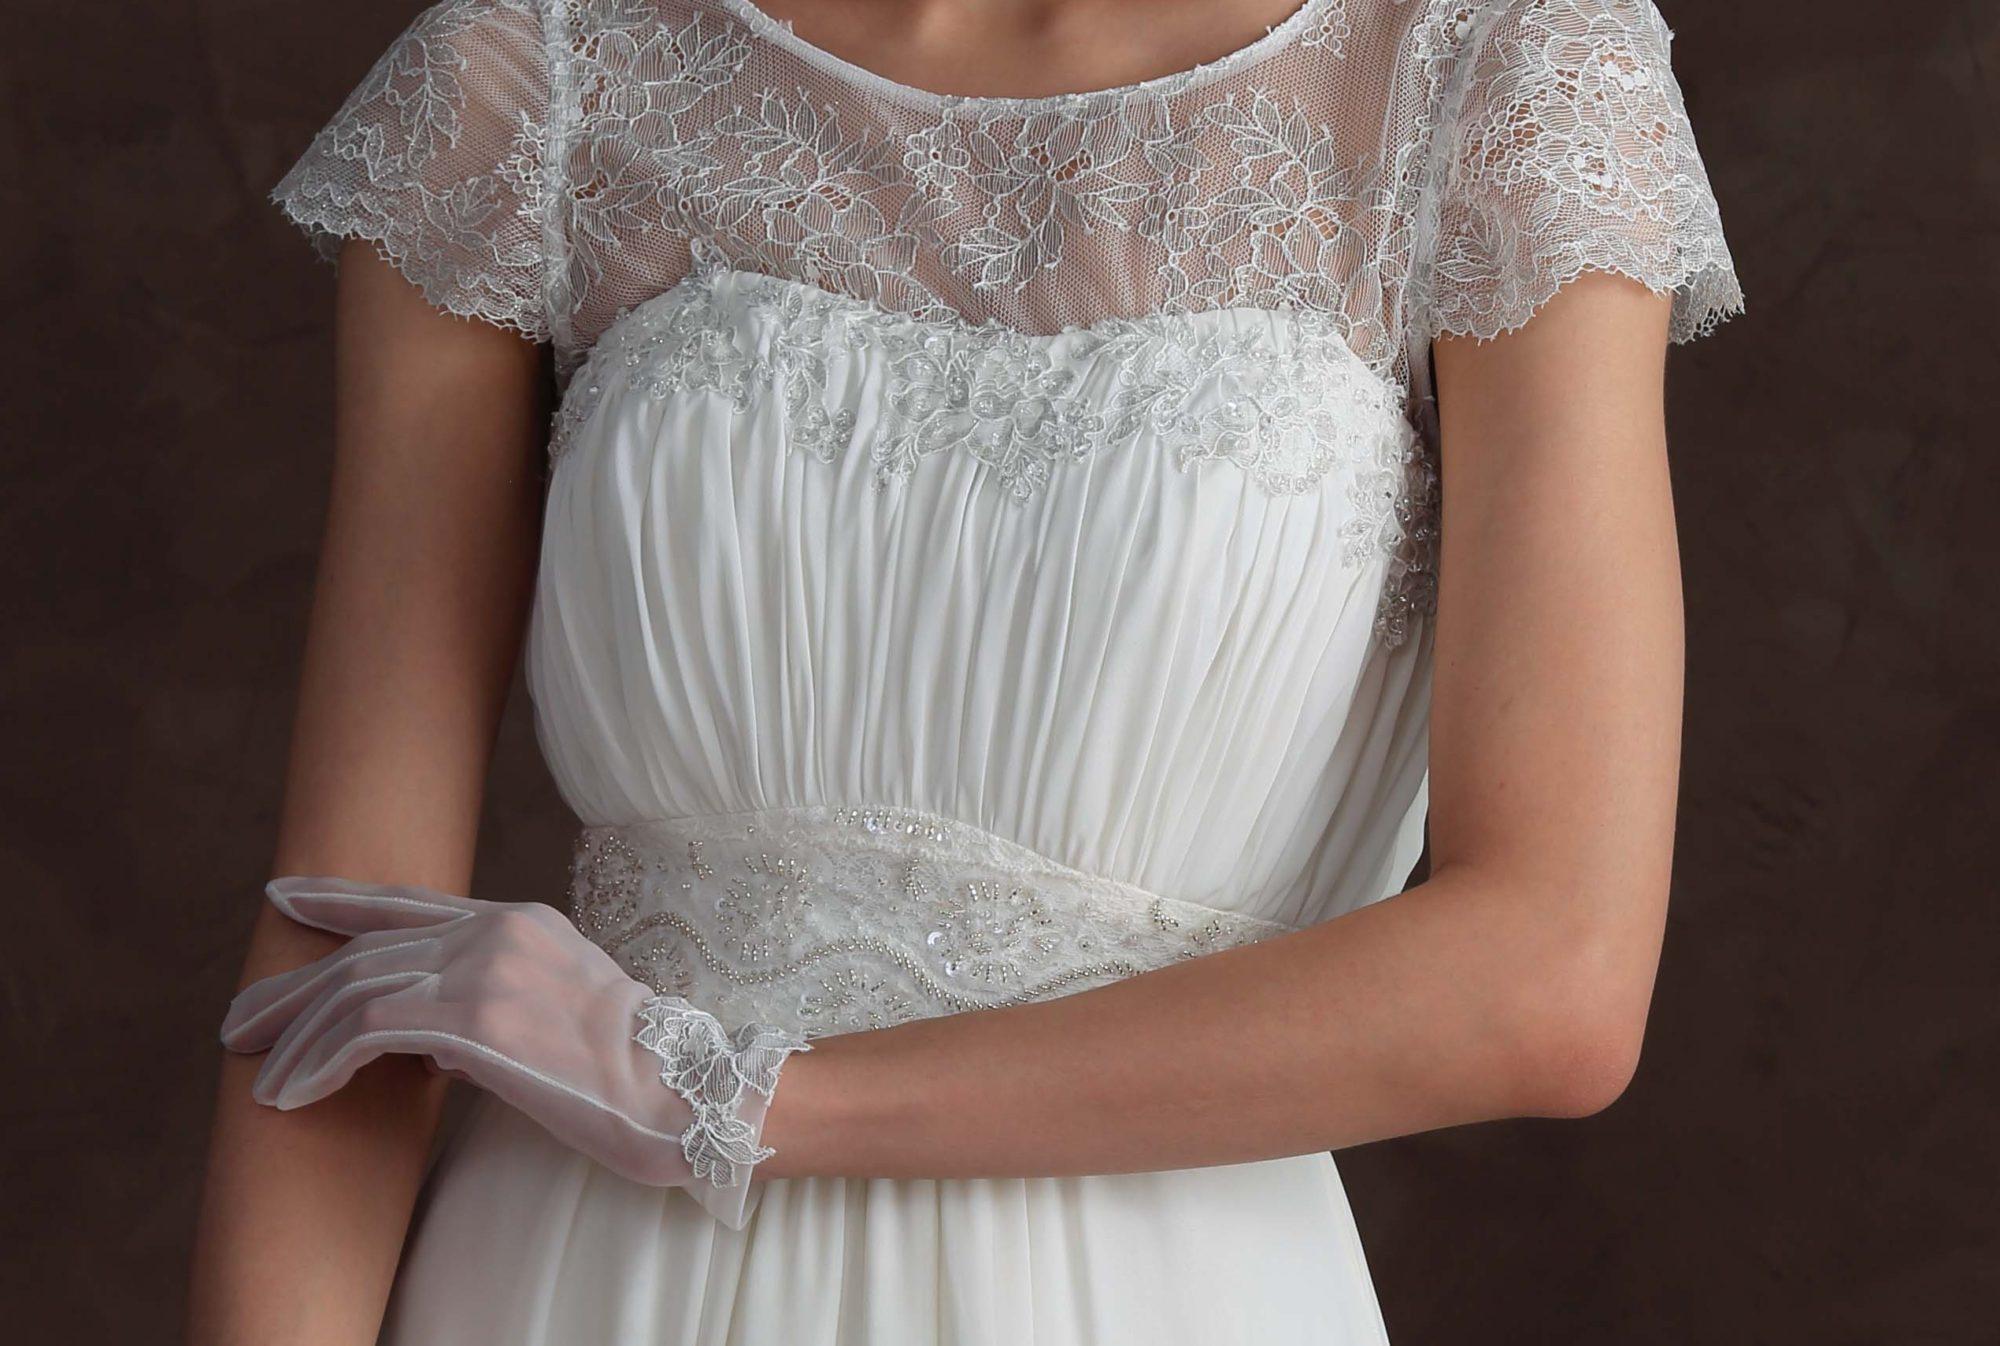 結婚式のグローブの意味